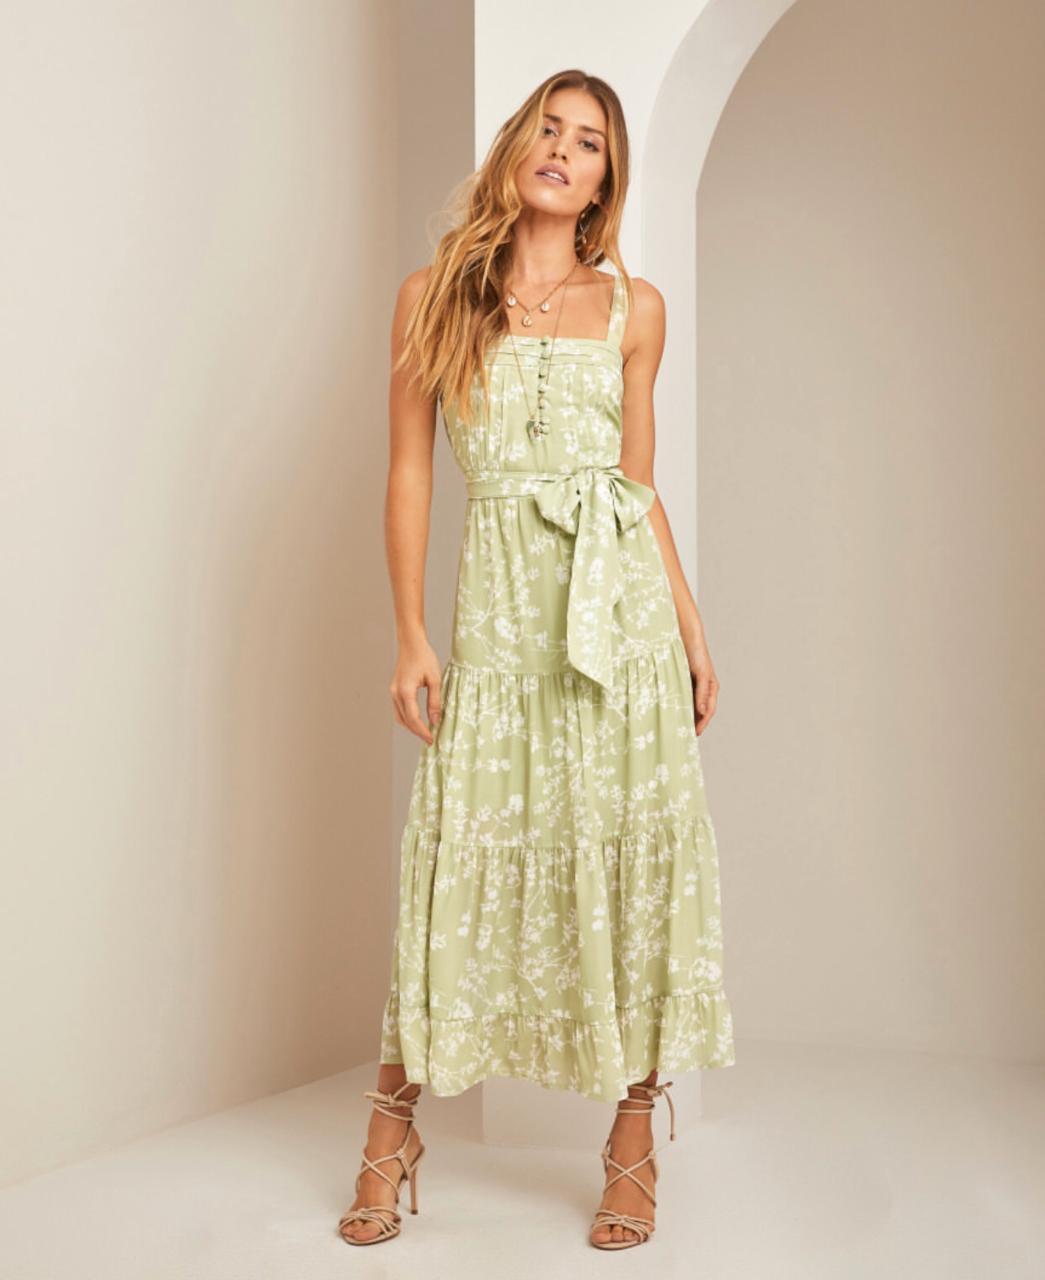 Vestido Esmeral Crepe Floral  3 Recortes +Faixa